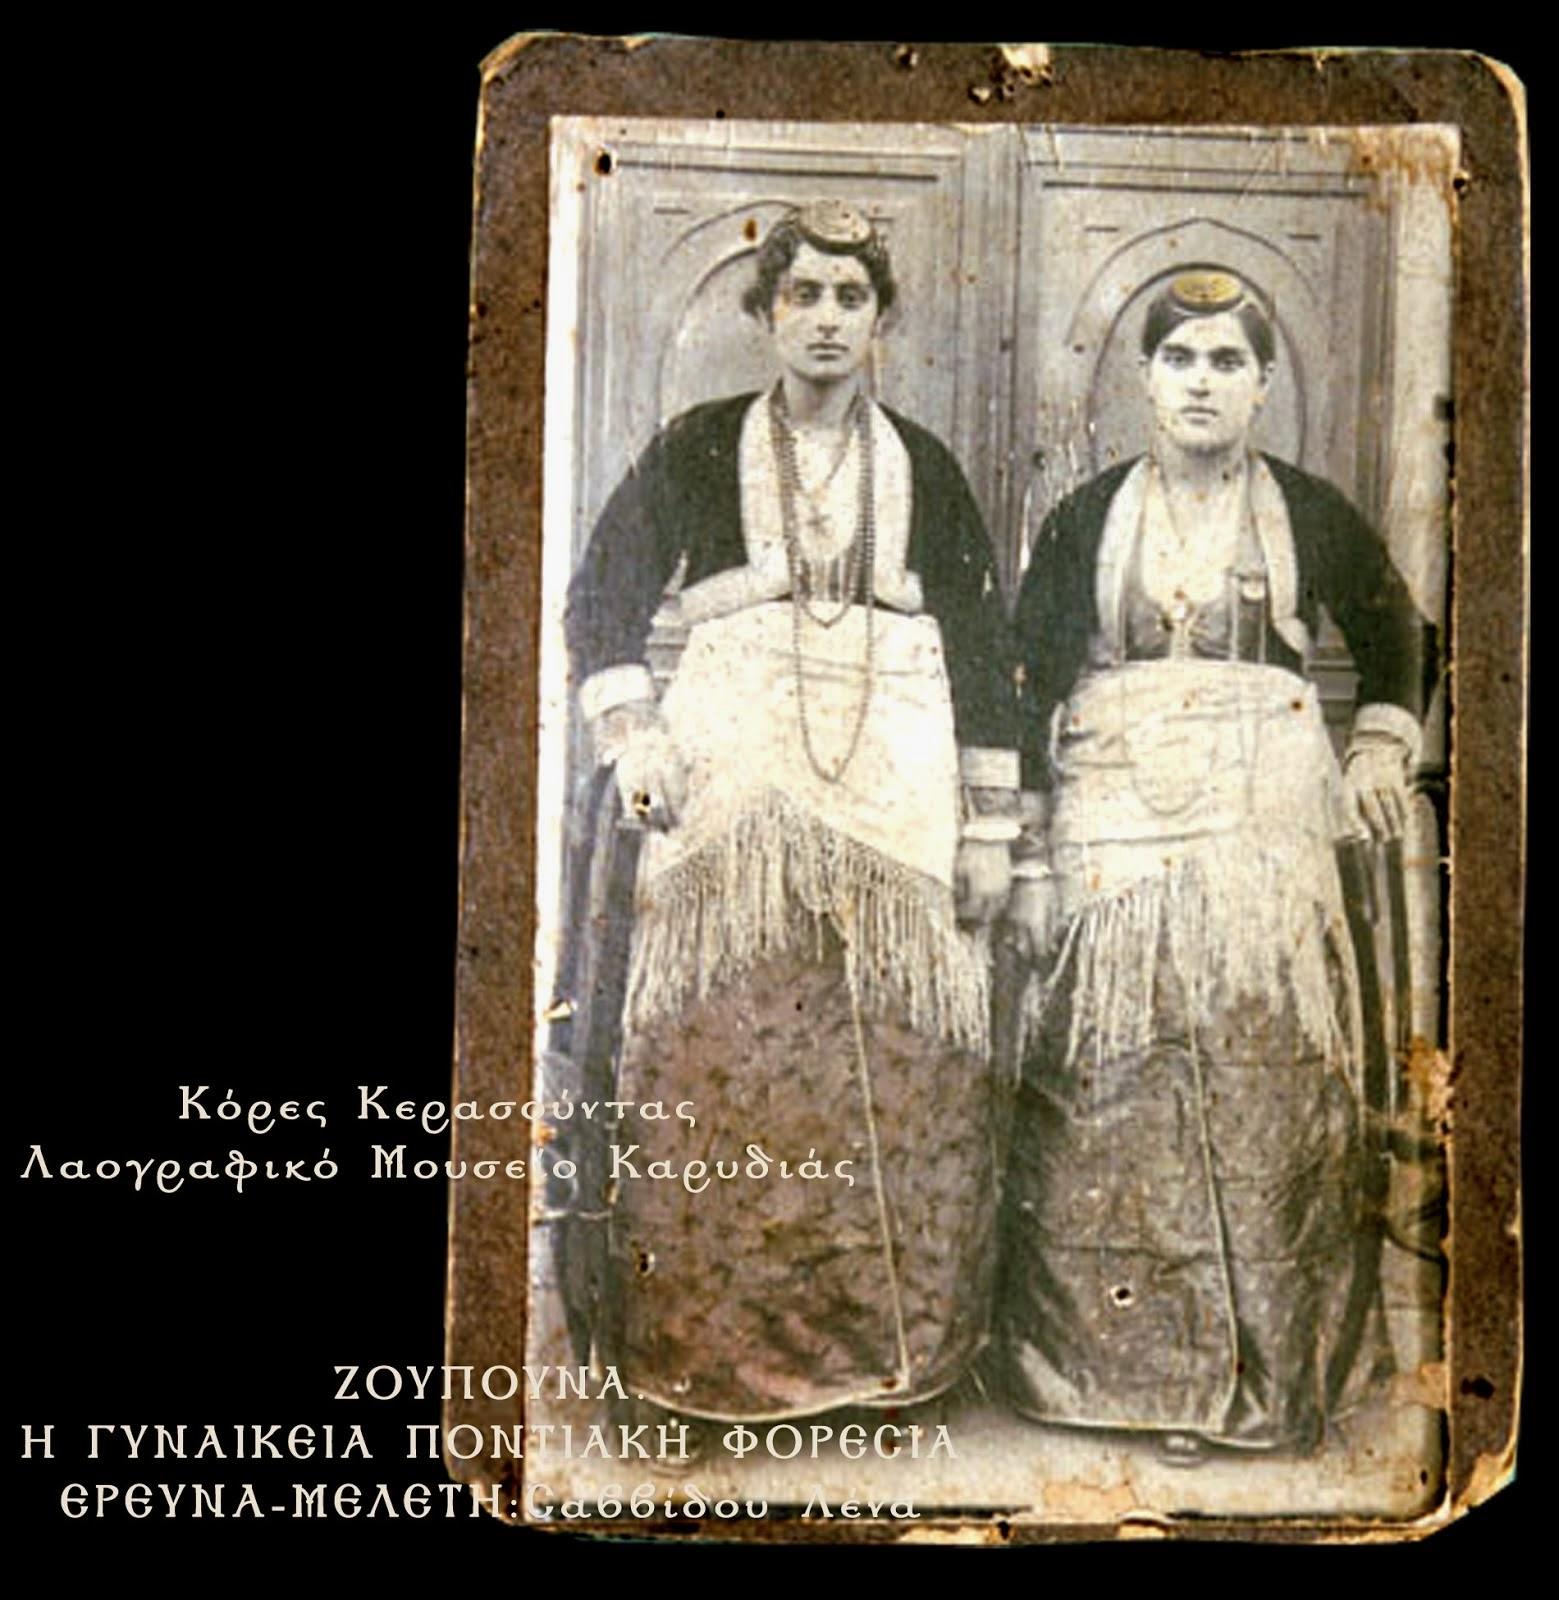 4. Αρχειακές φωτογραφικές καταγραφές Κιβωτού Κειμηλίων Προσφύγων